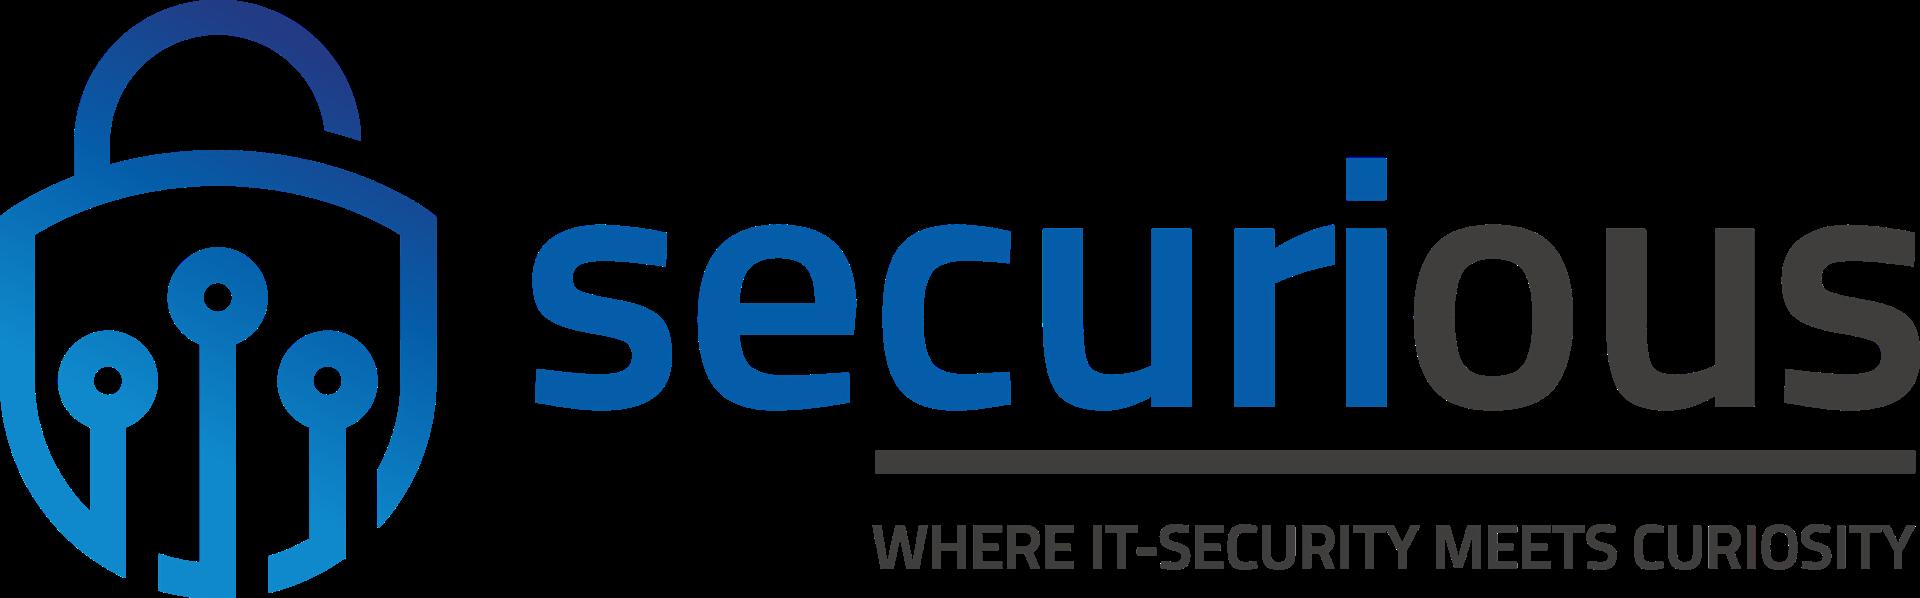 securious-Logo.png